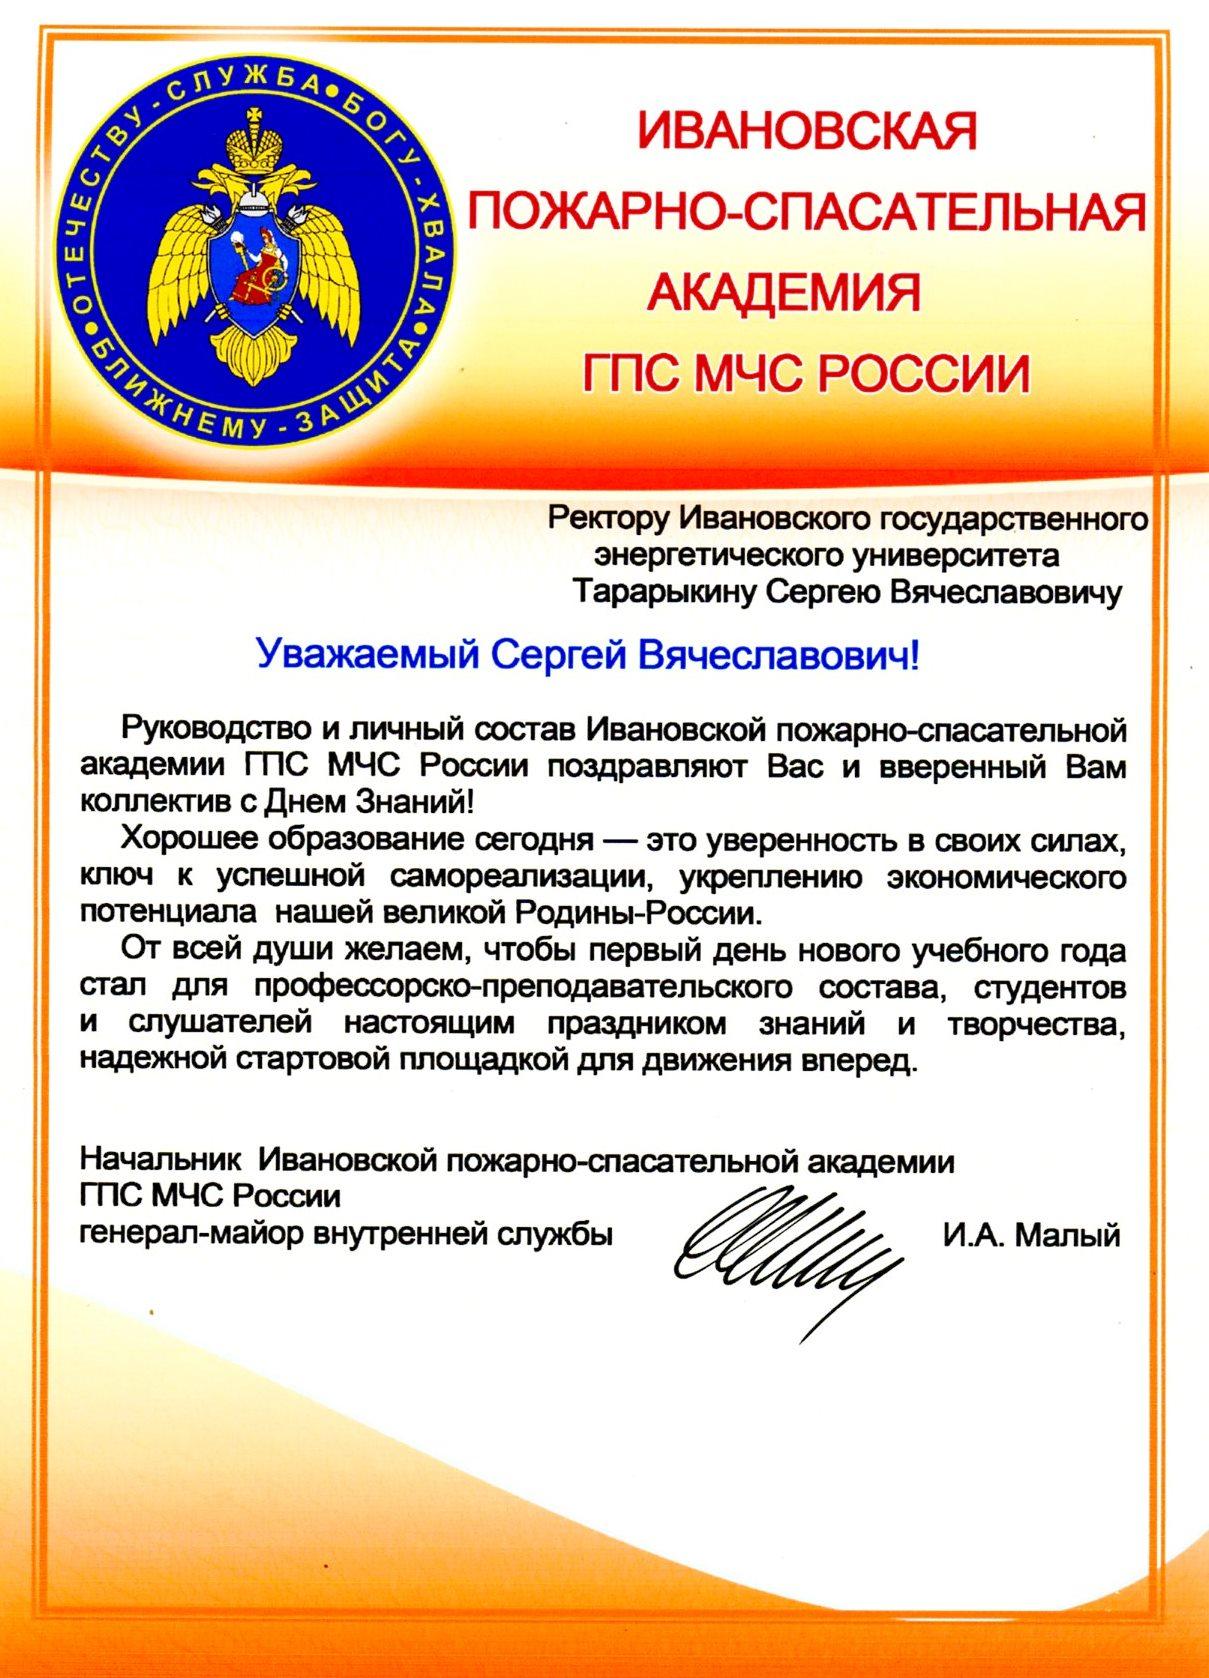 Кострома академия рад и хим официальный сайт факультеты для девушек